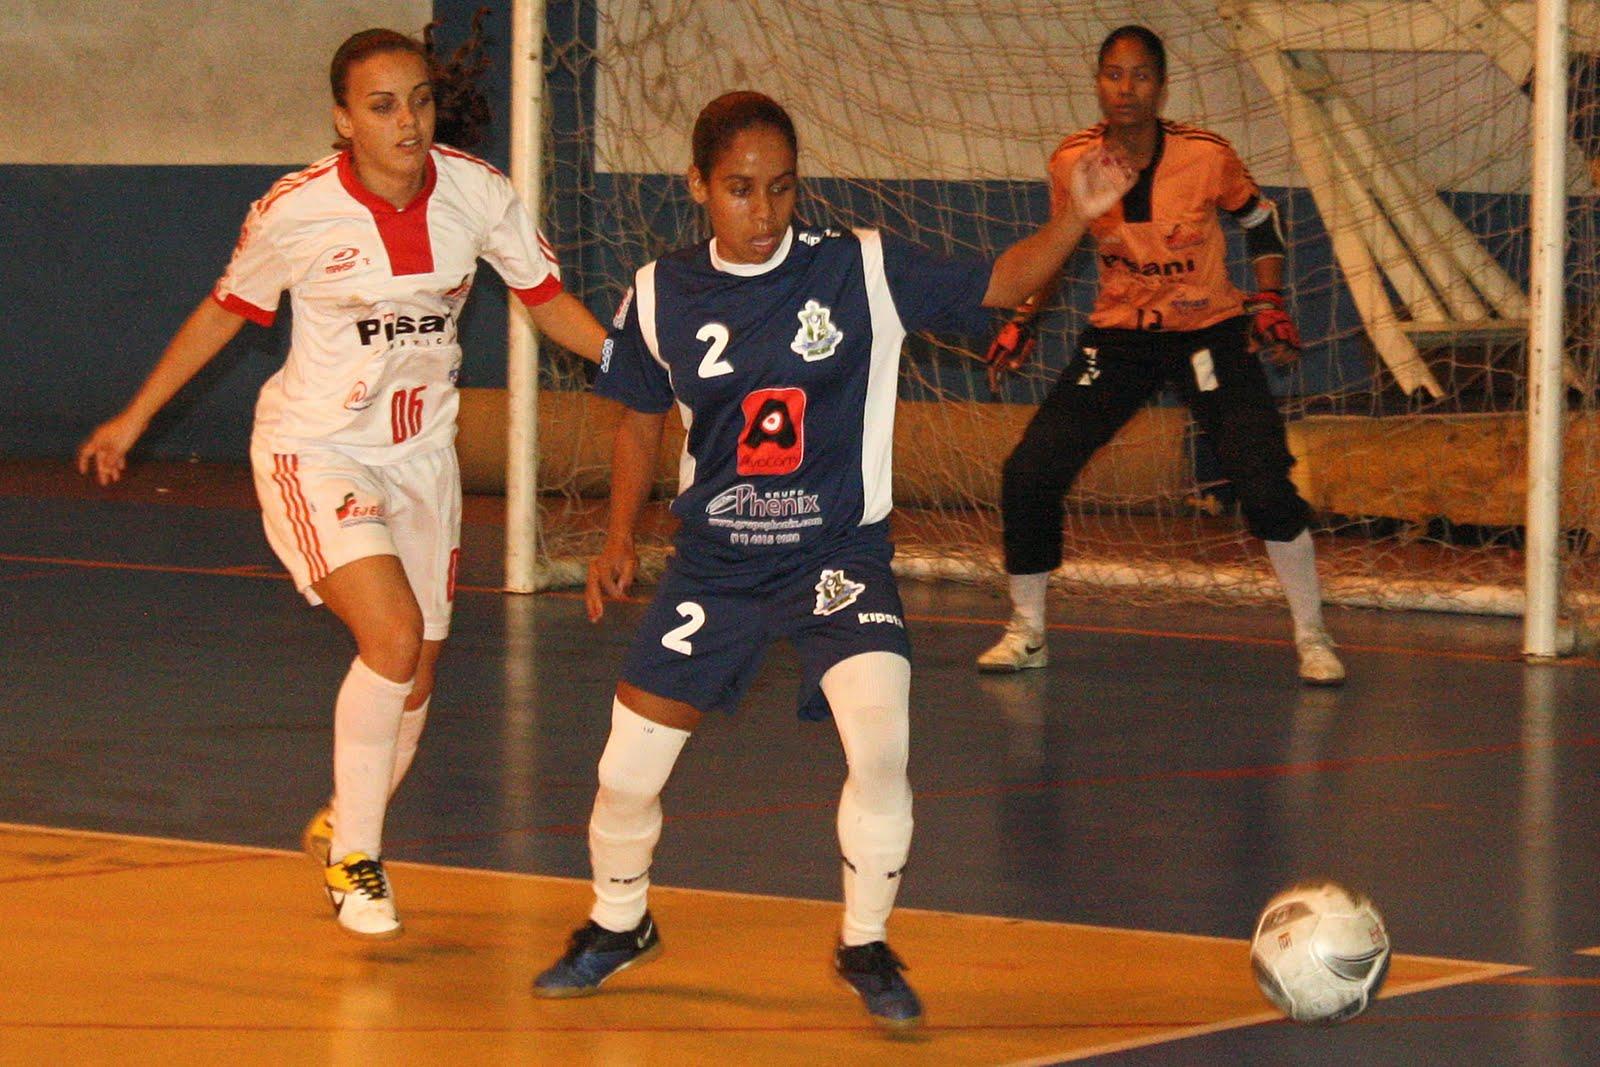 E a Kurdana puxa a frente no Metropolitano da categoria Principal. Serão 13  clubes em busca de representar São Paulo na Taça 2012. 854f44fc36265